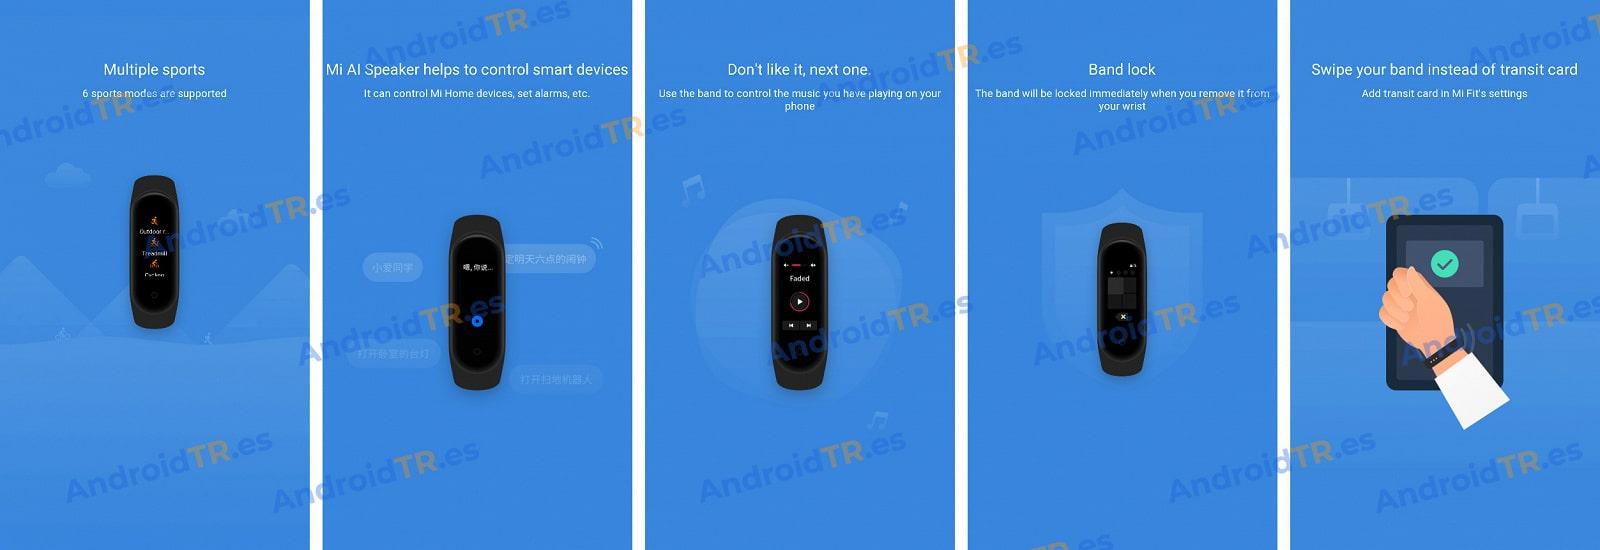 Изображения из руководства пользователя раскрывают особенности нового фитнес-браслета Xiaomi Mi Band 4